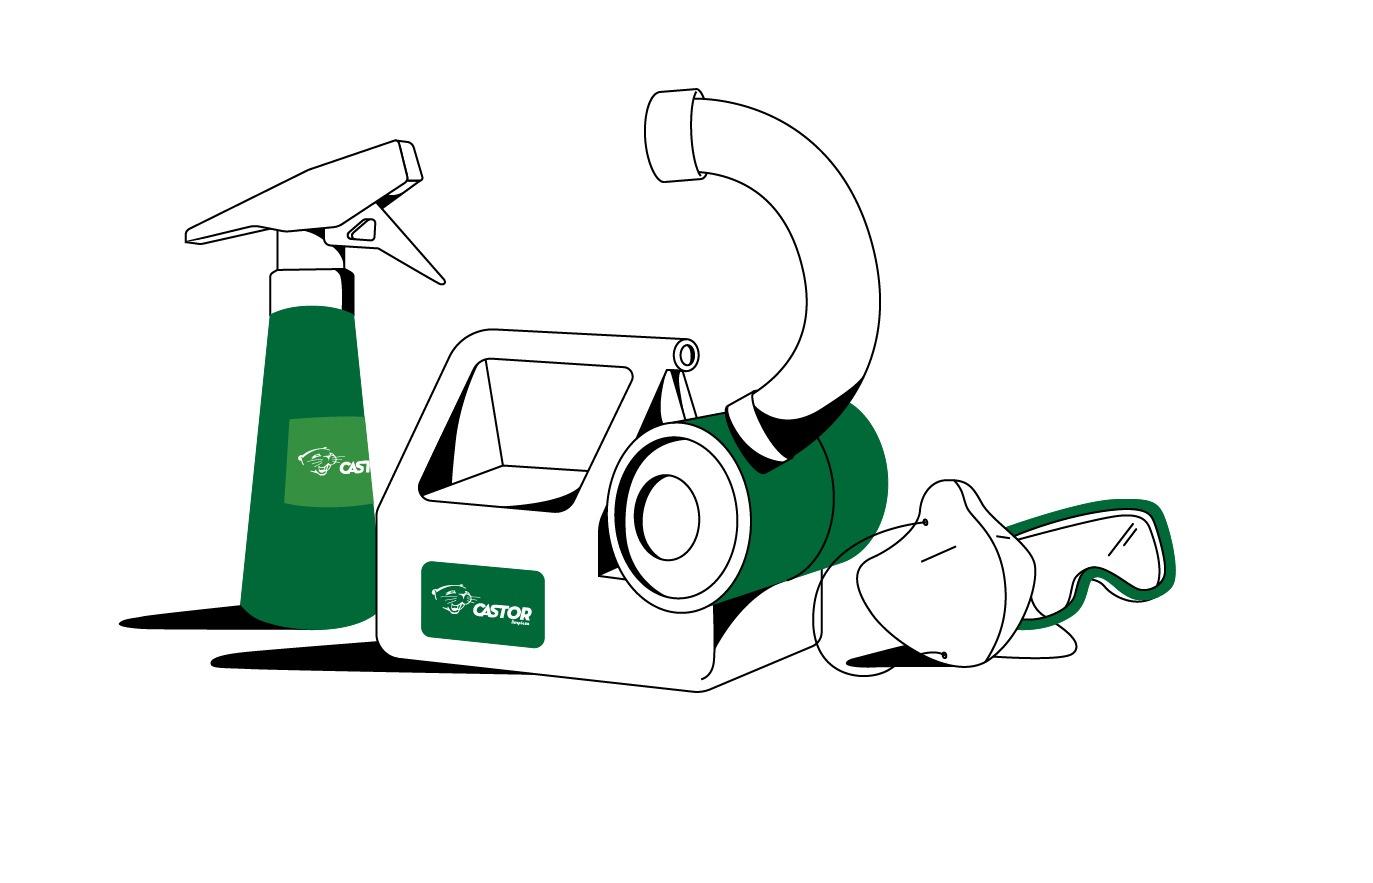 Limpiezas Castor. desinfeccion-desinfectar-locales-comerciales Desinfección tiendas, negocios y locales comerciales